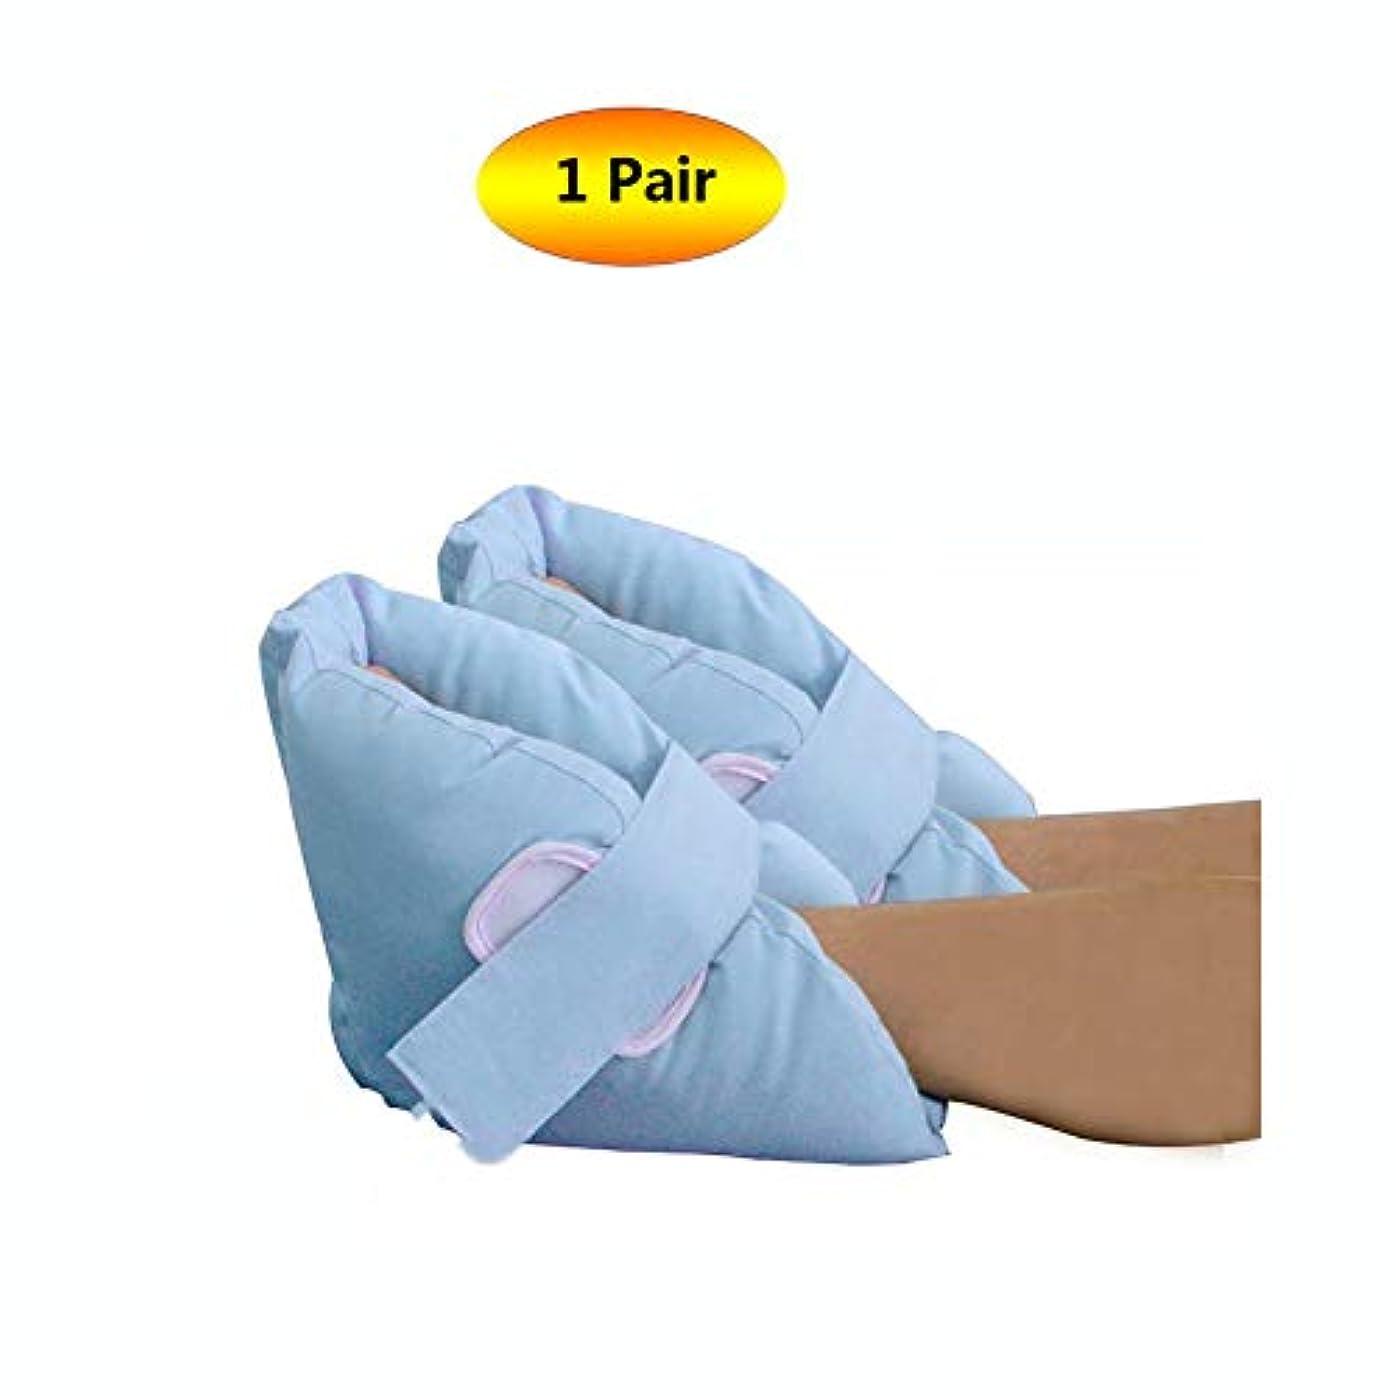 歌手死の顎職人ヒールプロテクター枕ソフト慰め、ヒールフロートヒールプロテクター、高齢者の足補正カバー - ブルー